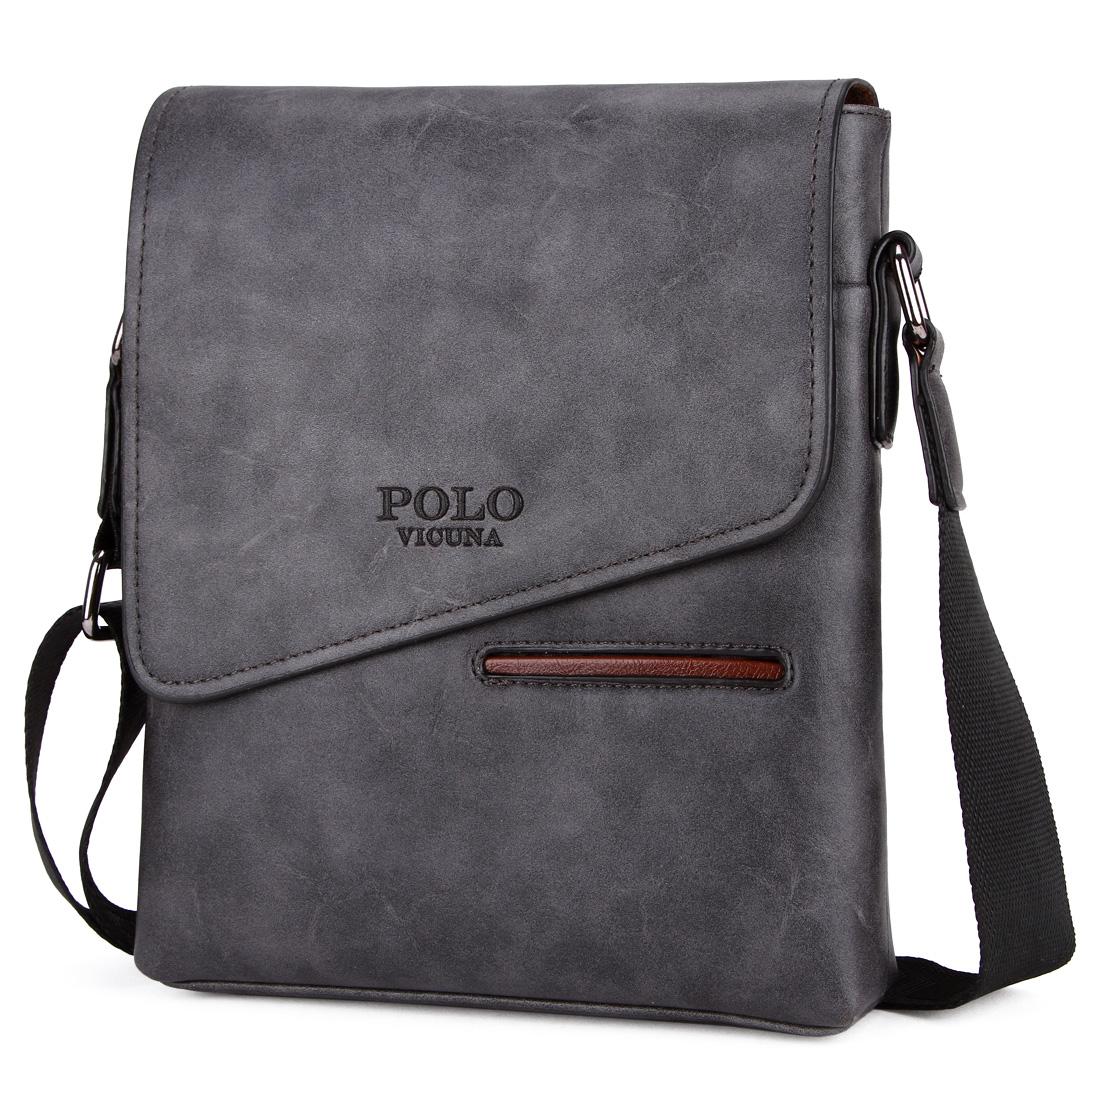 87b5a4b02918 Мужская сумка Polo Vicuna серая (8824-GR) - BuyClub - магазин ...